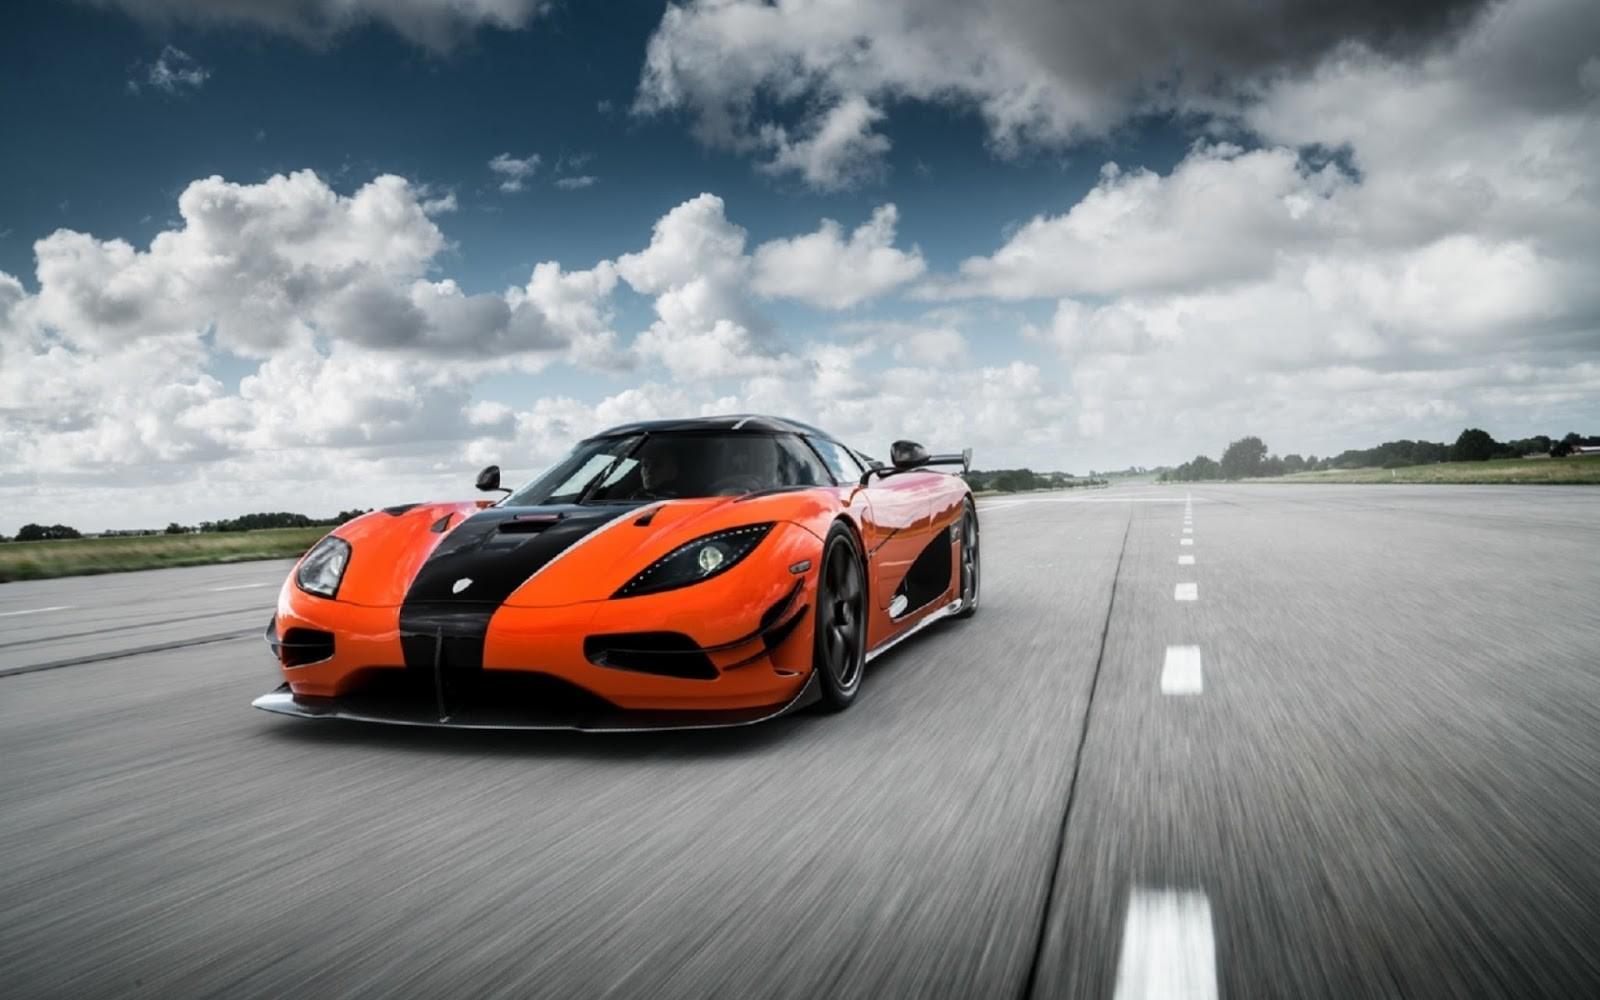 dünyanın en hızlı 10 arabası birincisi